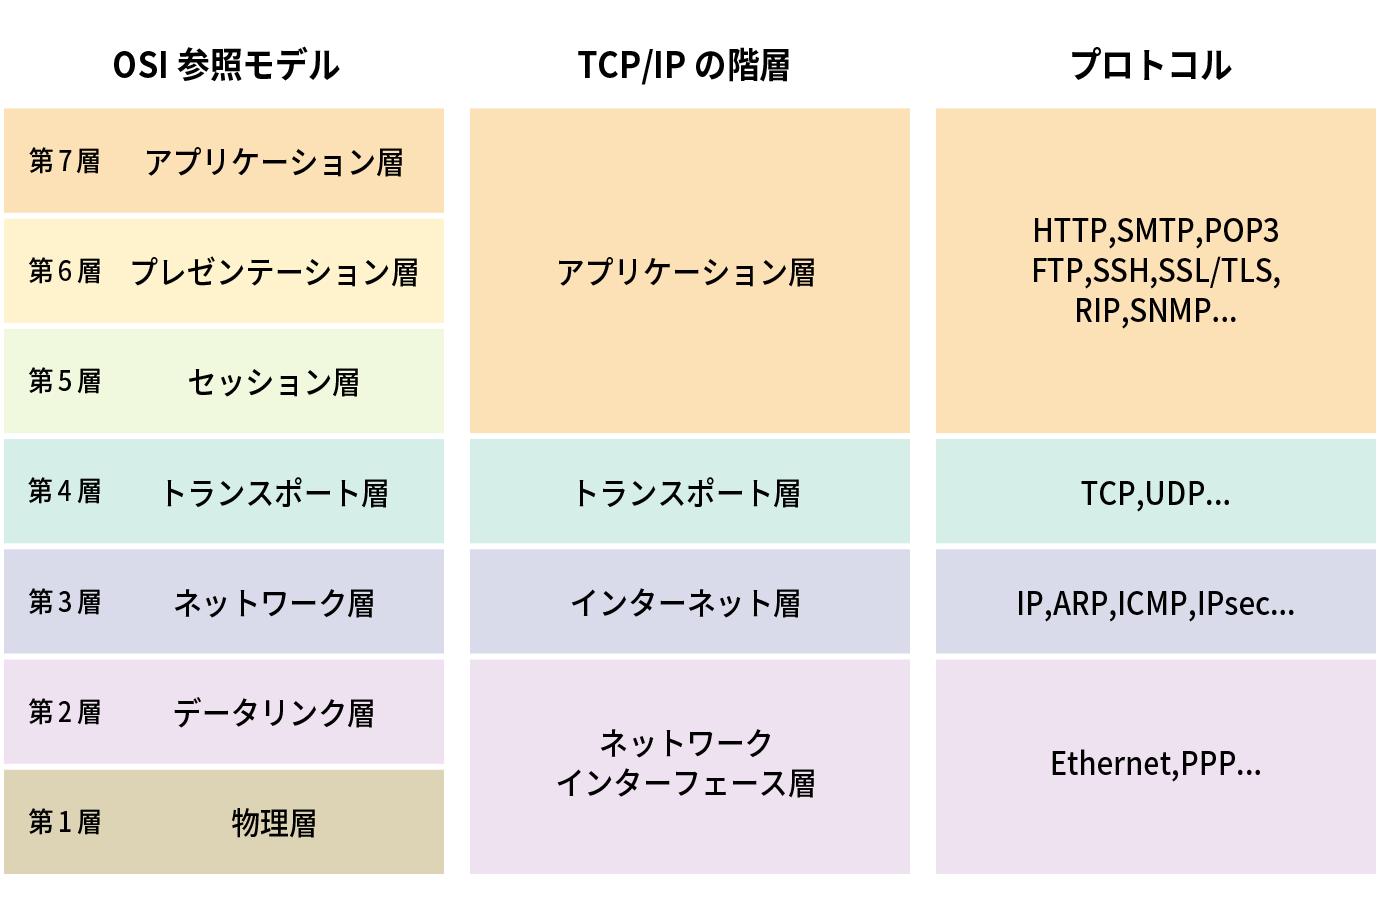 OSI参照モデル・TCP/IPの階層・プロトコルの関係図